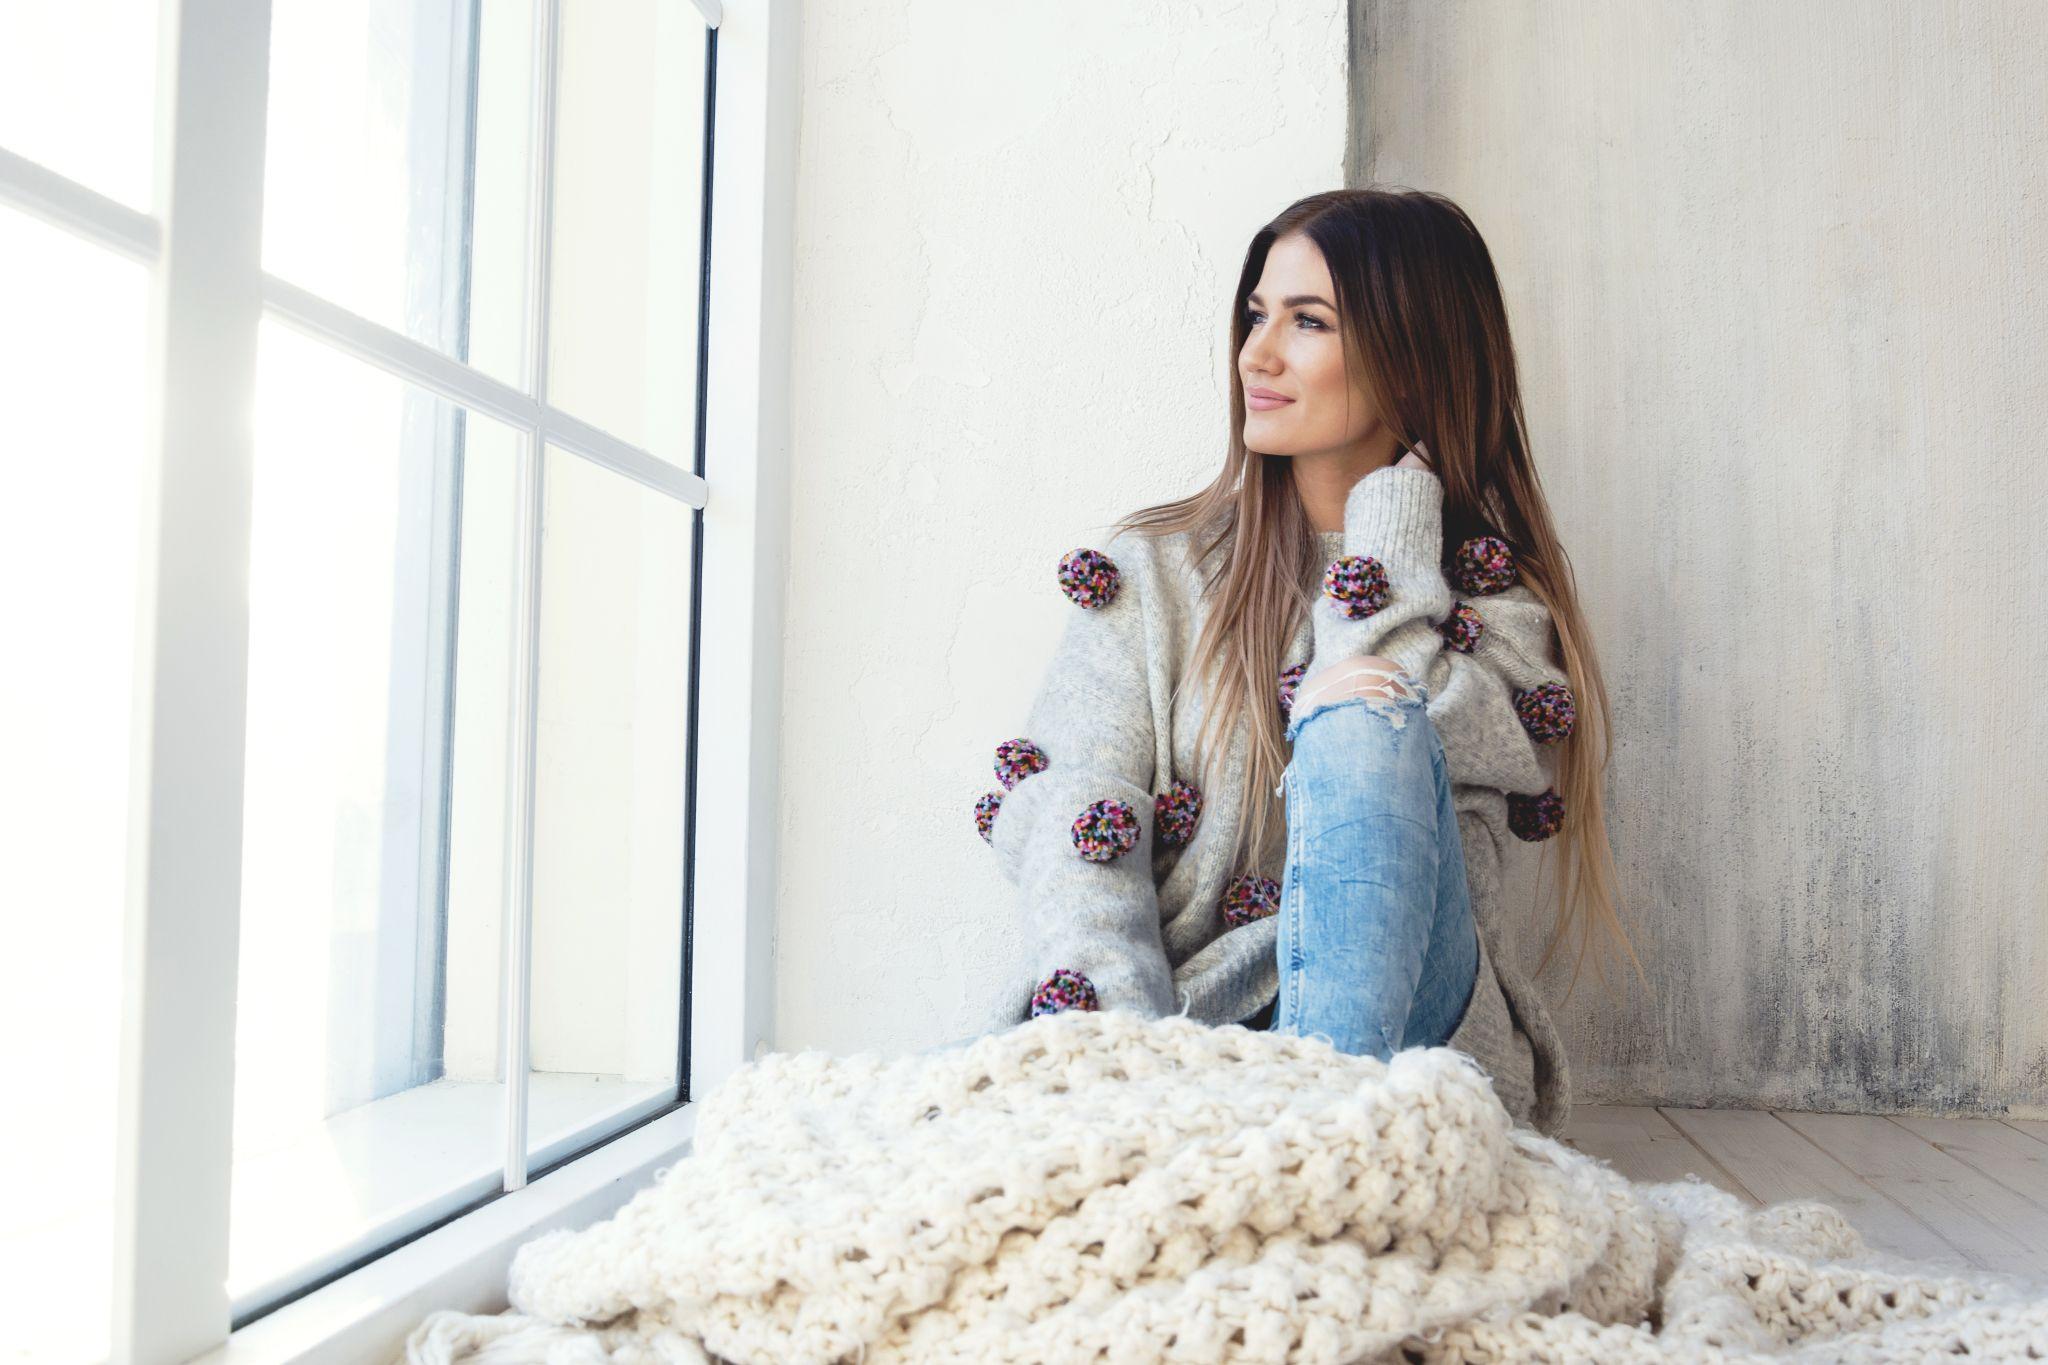 """VIDEO I Mariliis Jõgeva lõi poja Stefani soovist inspireerituna uue laulu nimega """"Tahan kooli"""""""